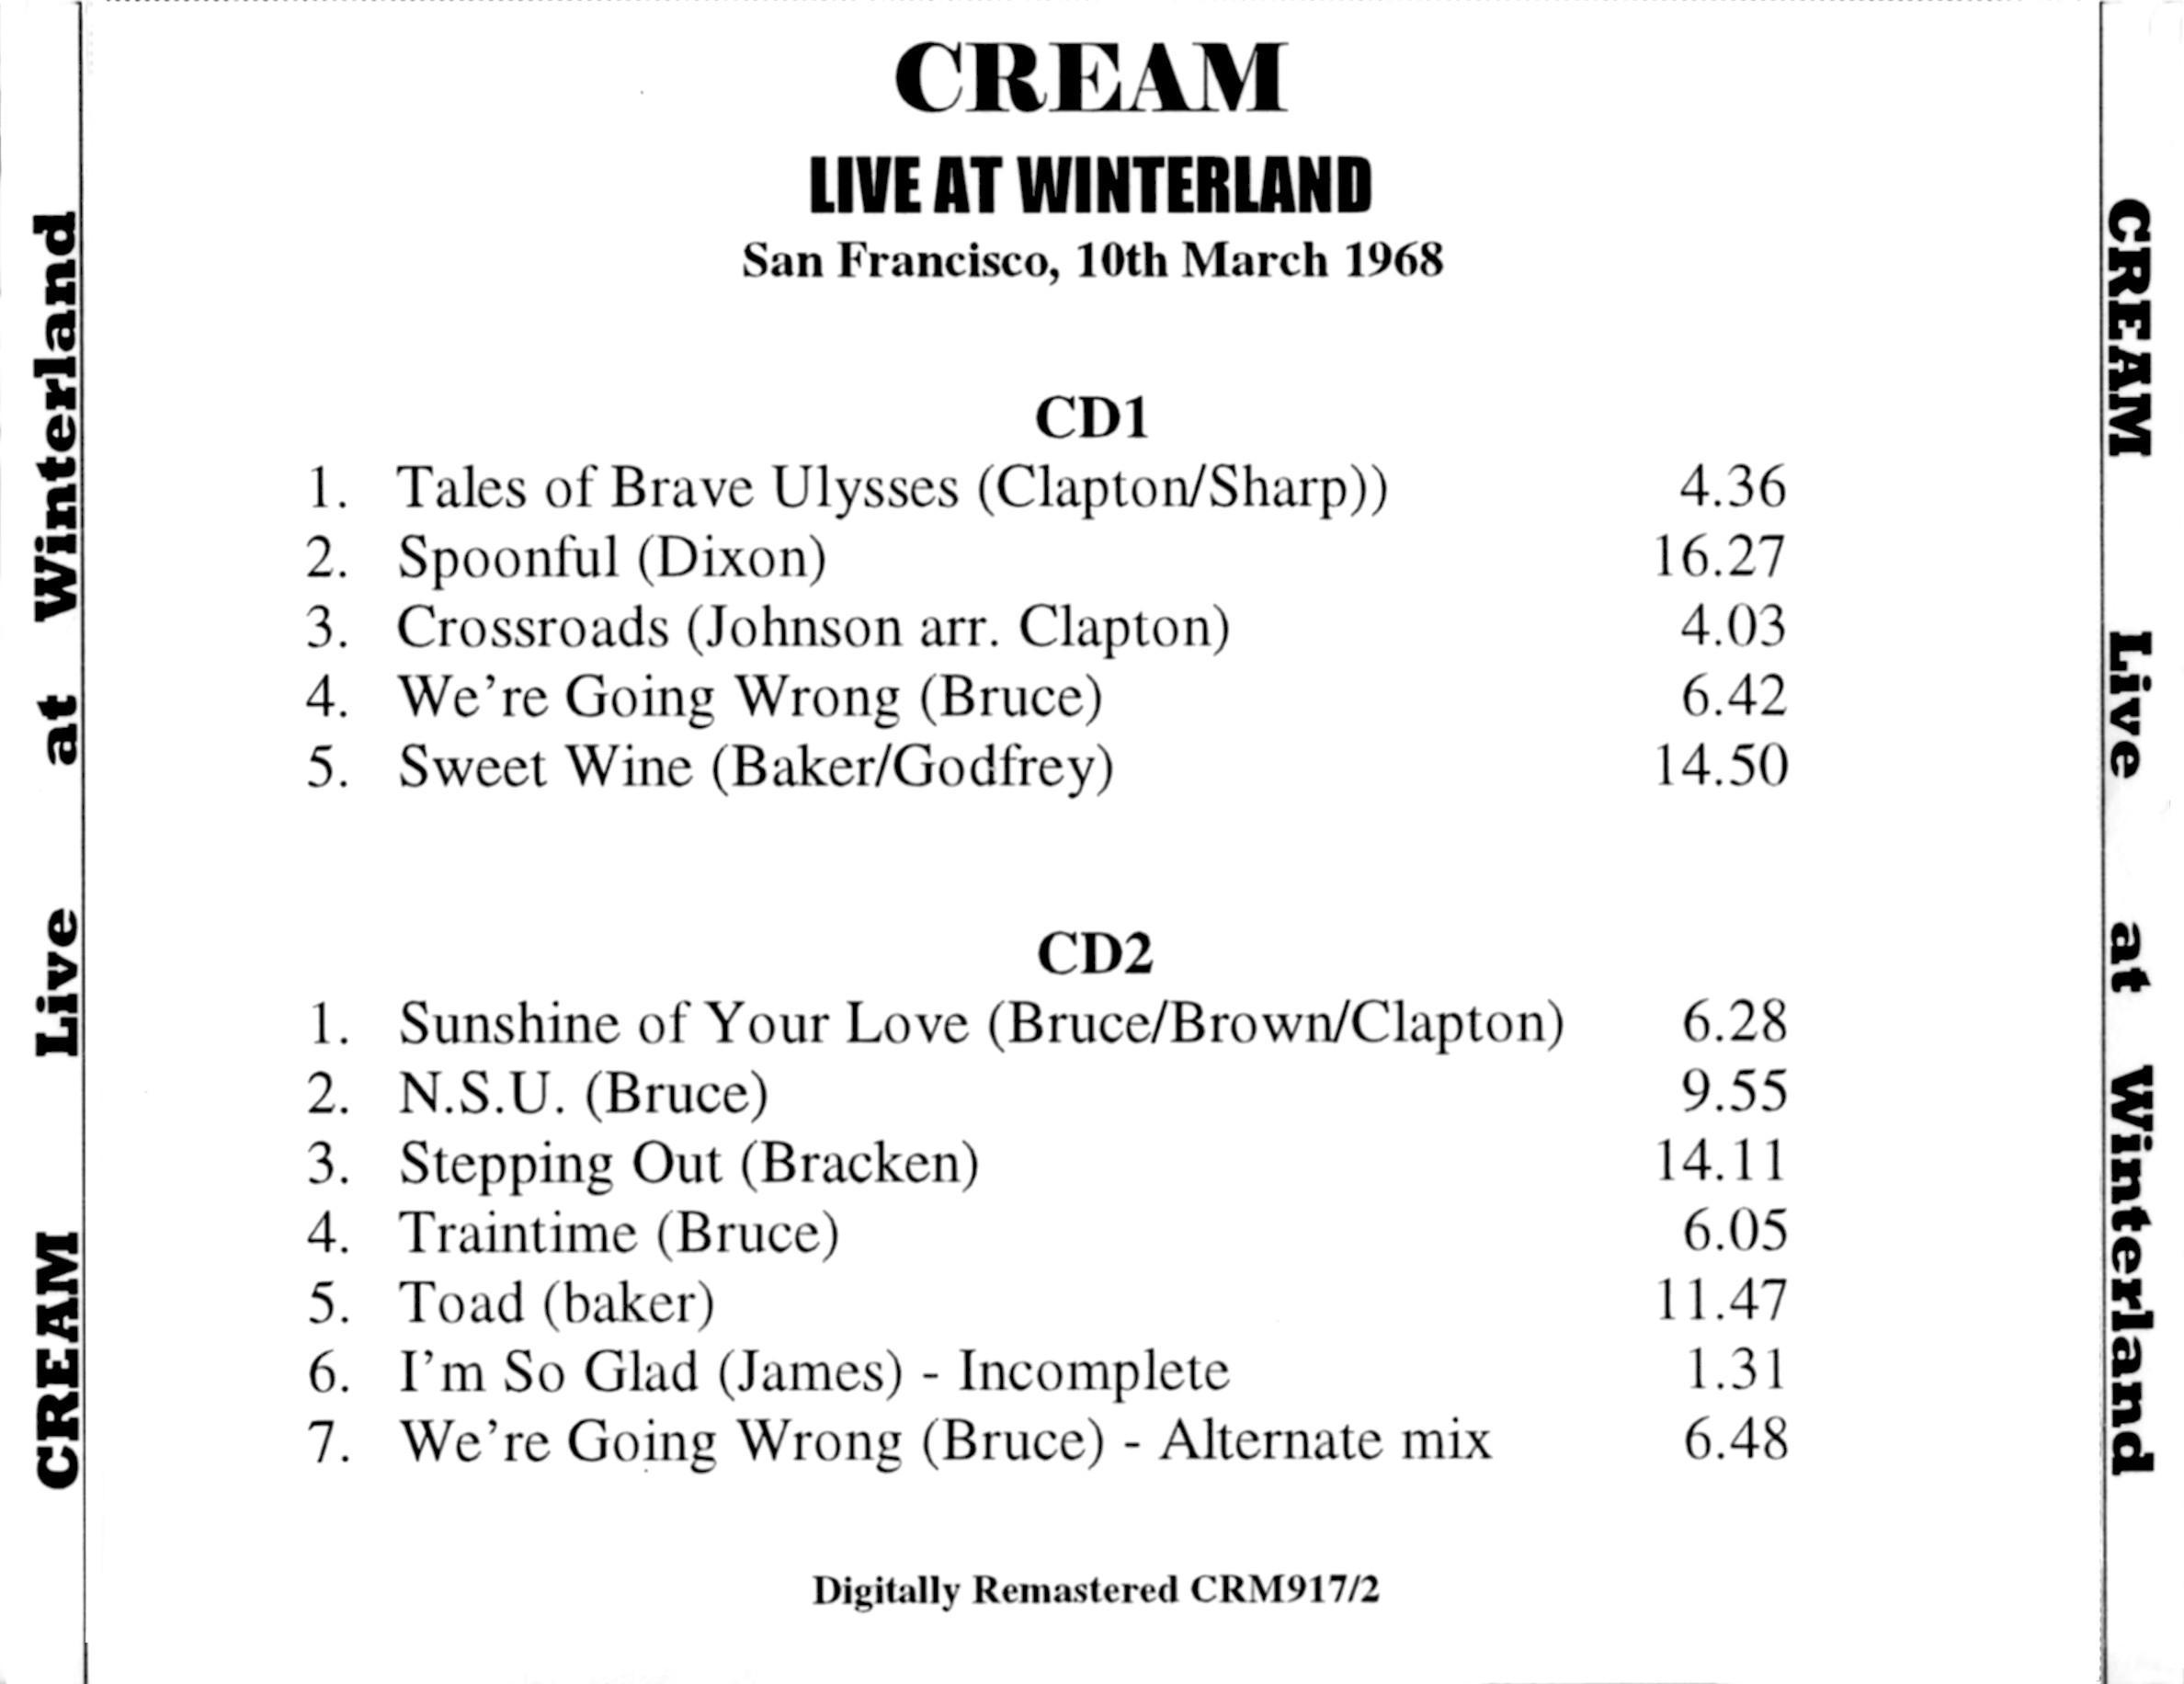 Cream Live Cream